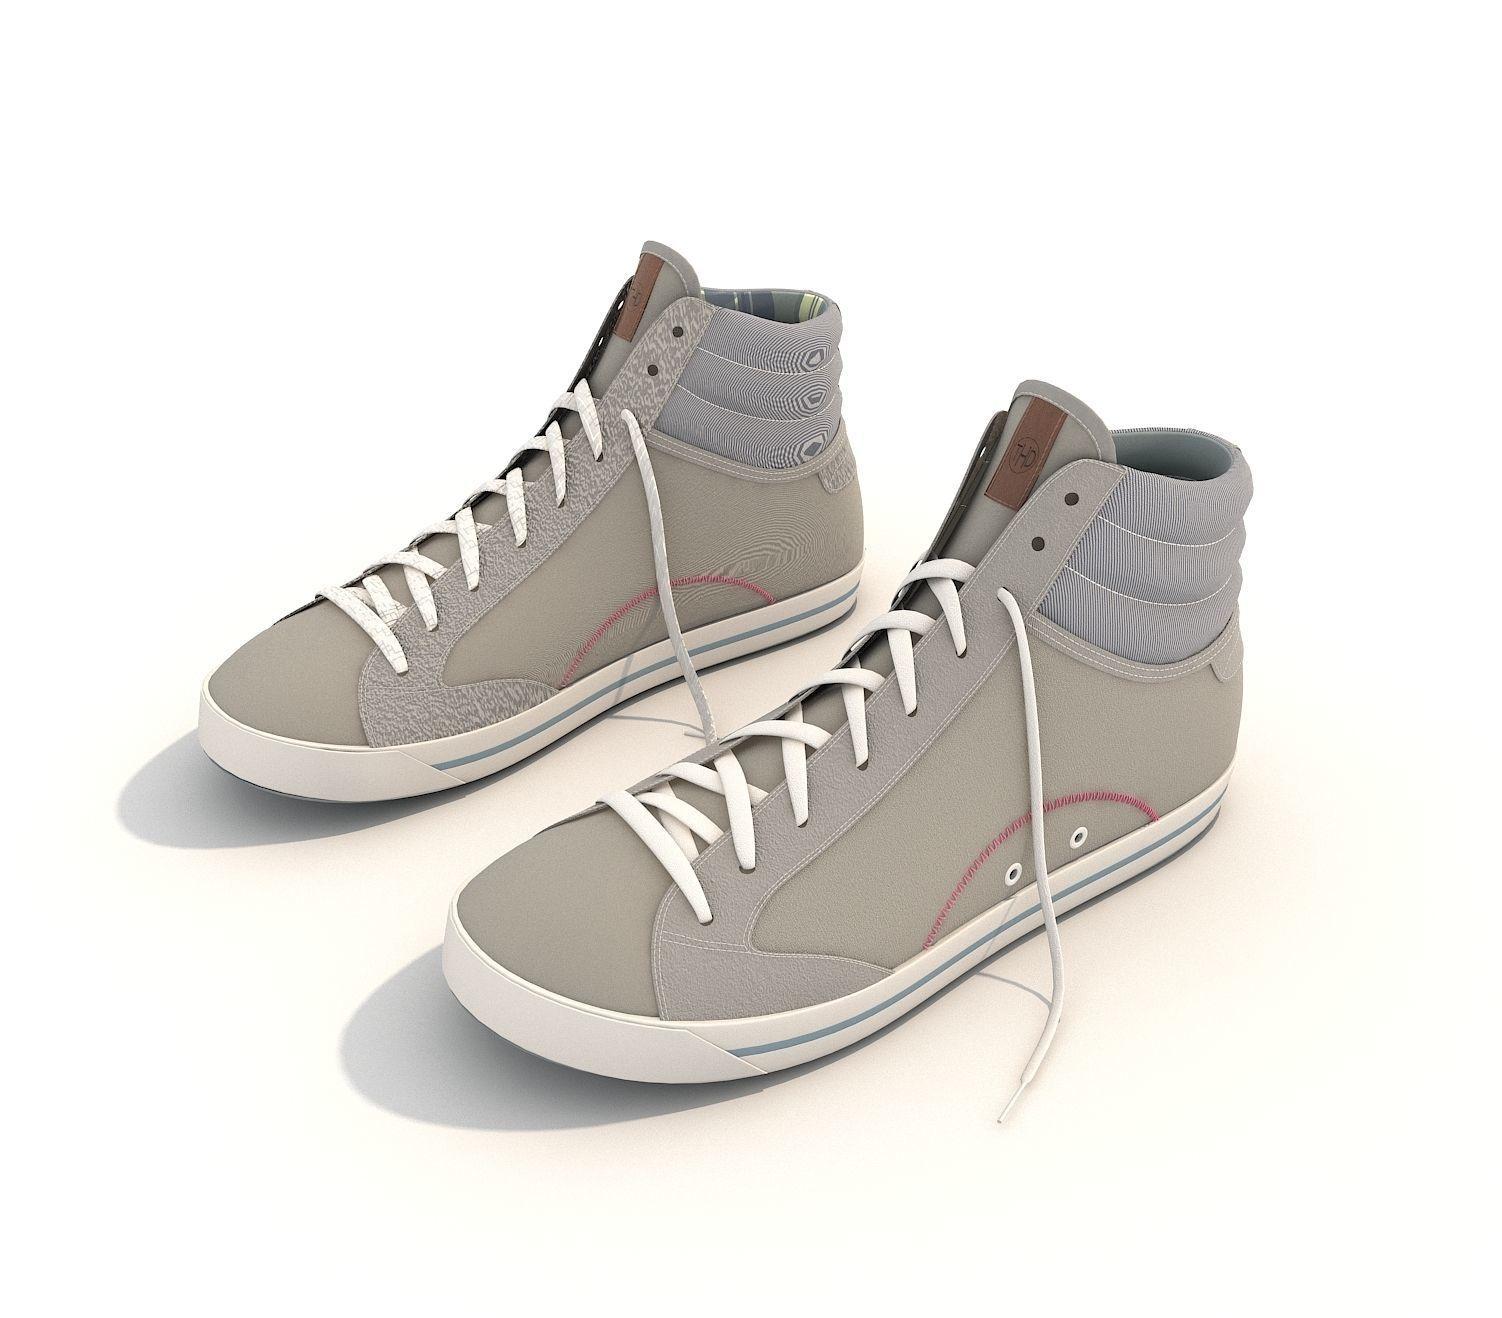 ... sport shoes 2 3d model max obj fbx mtl 3 ... 79ca314a2